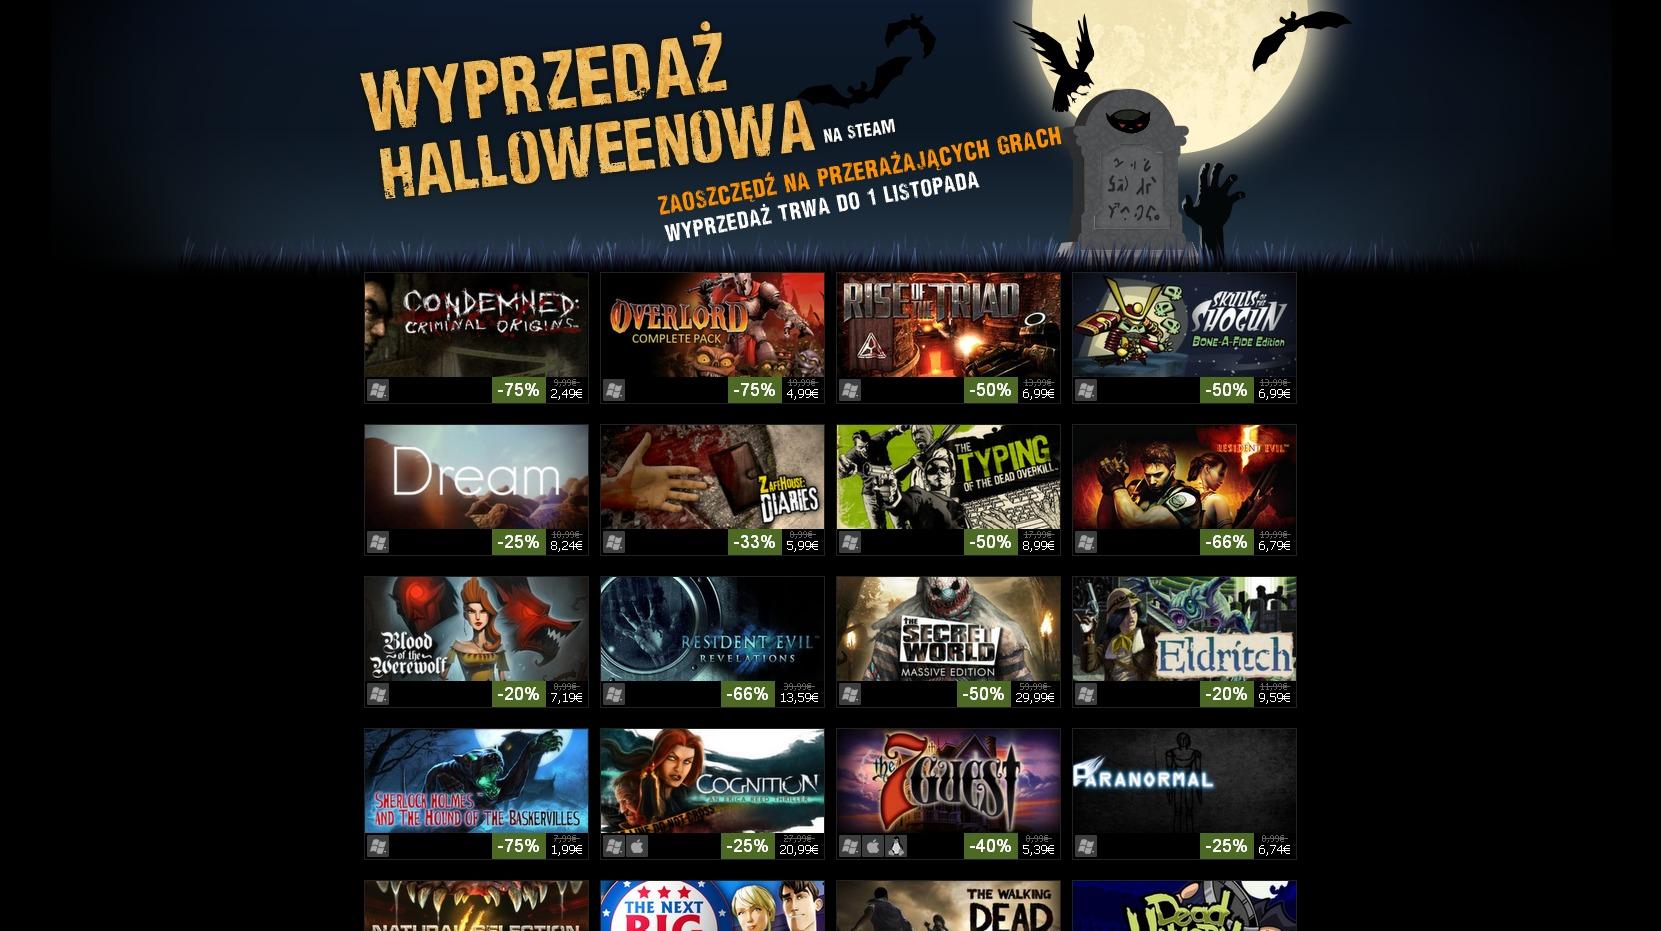 Halloweenowa przecena